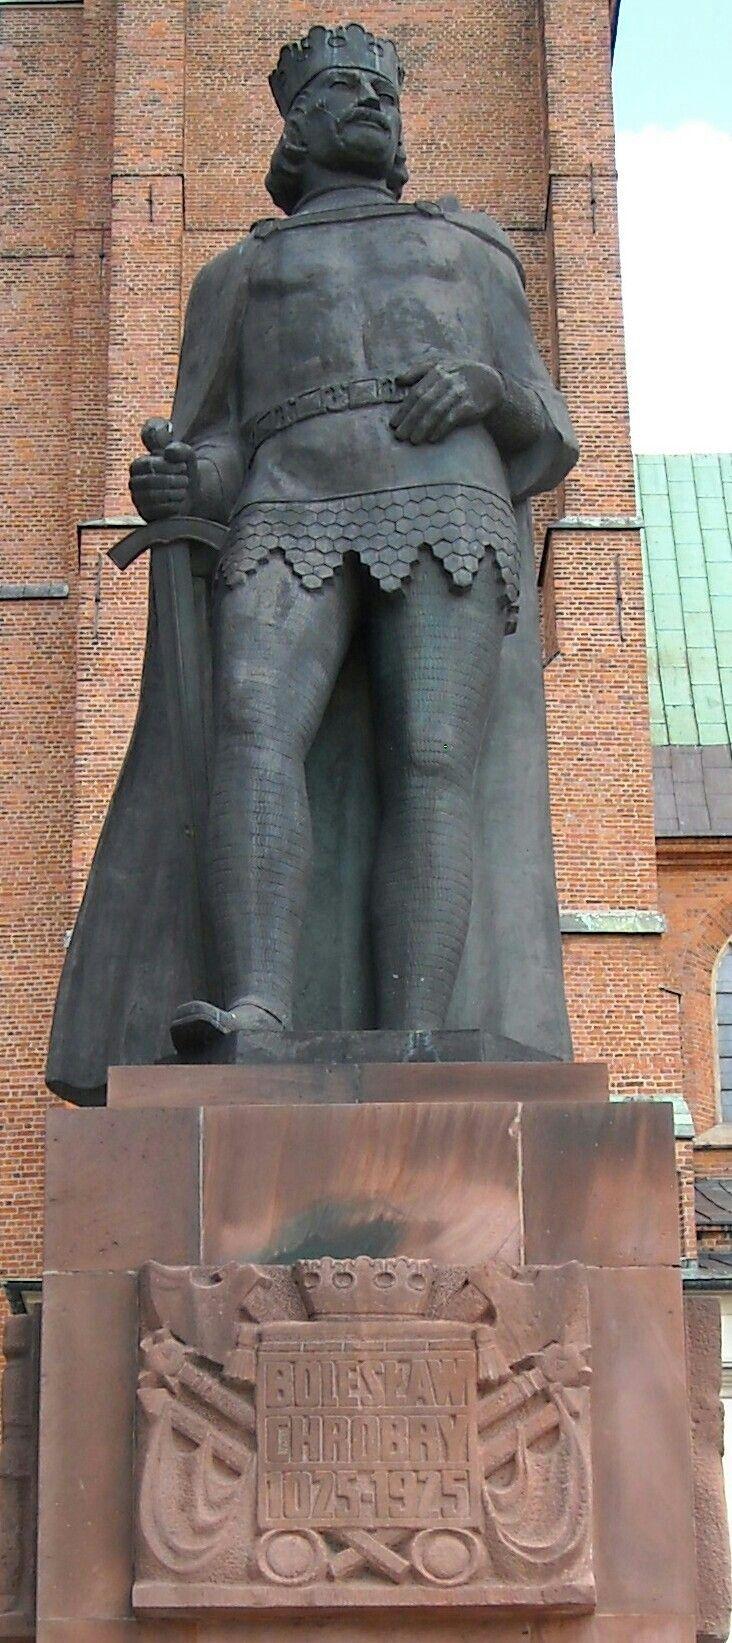 Statue of King Bolesław Chrobry in Gniezno, Poland